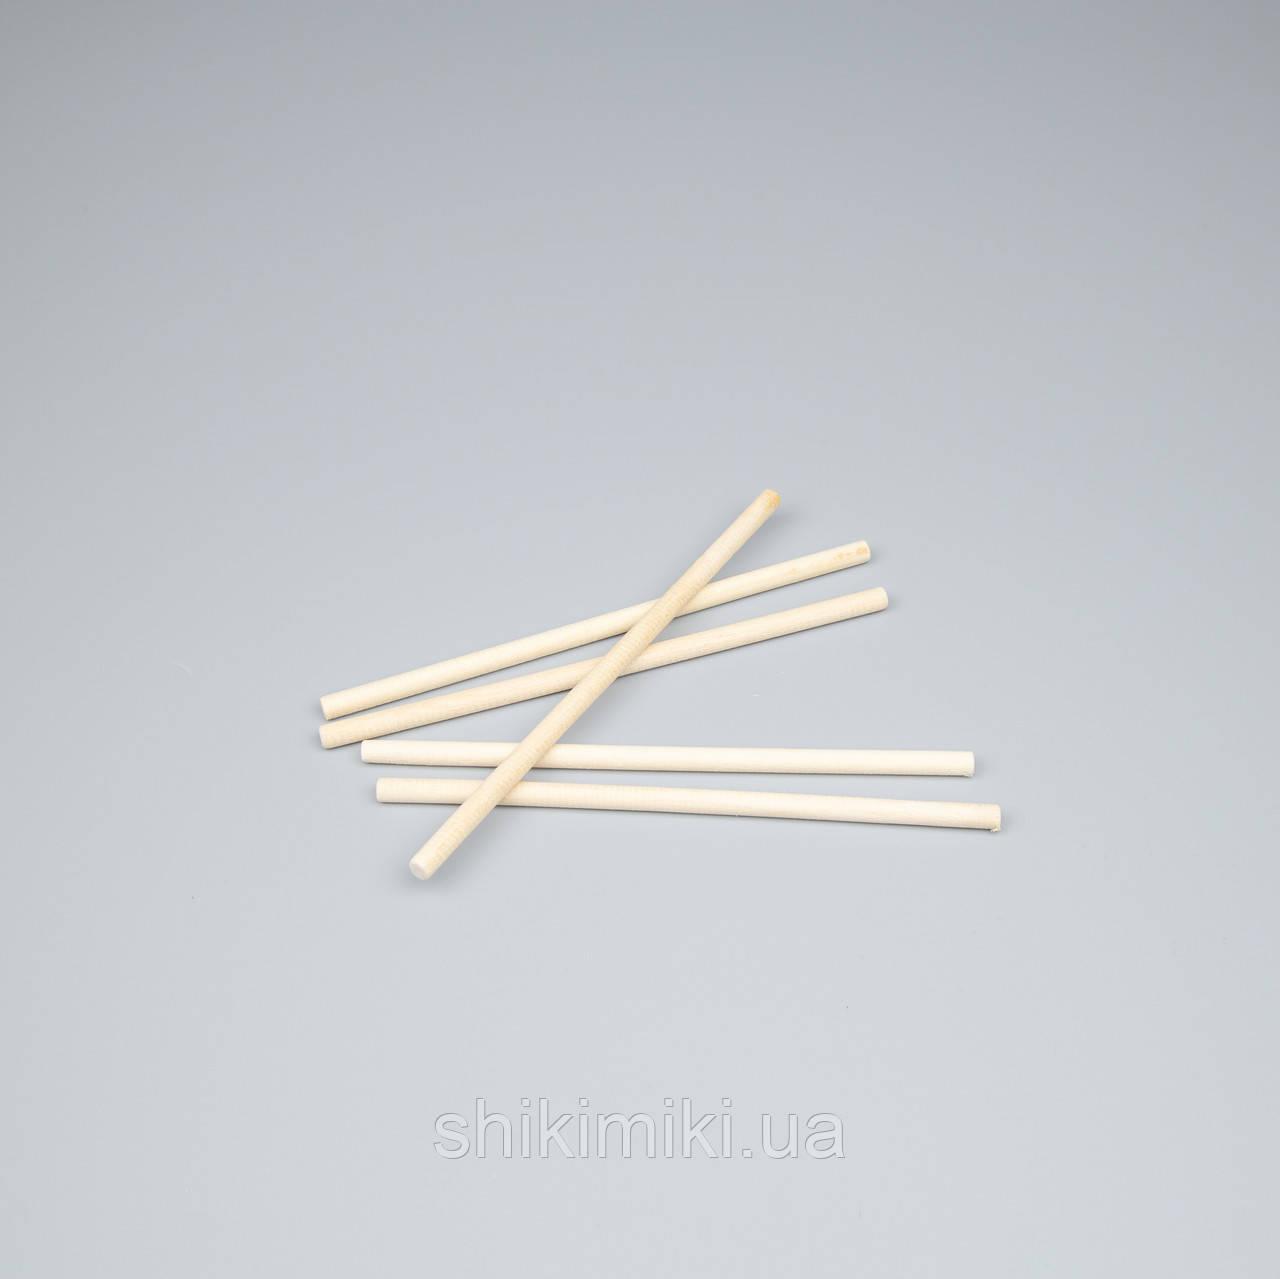 Палочки деревянные для макраме,150*0,6 мм